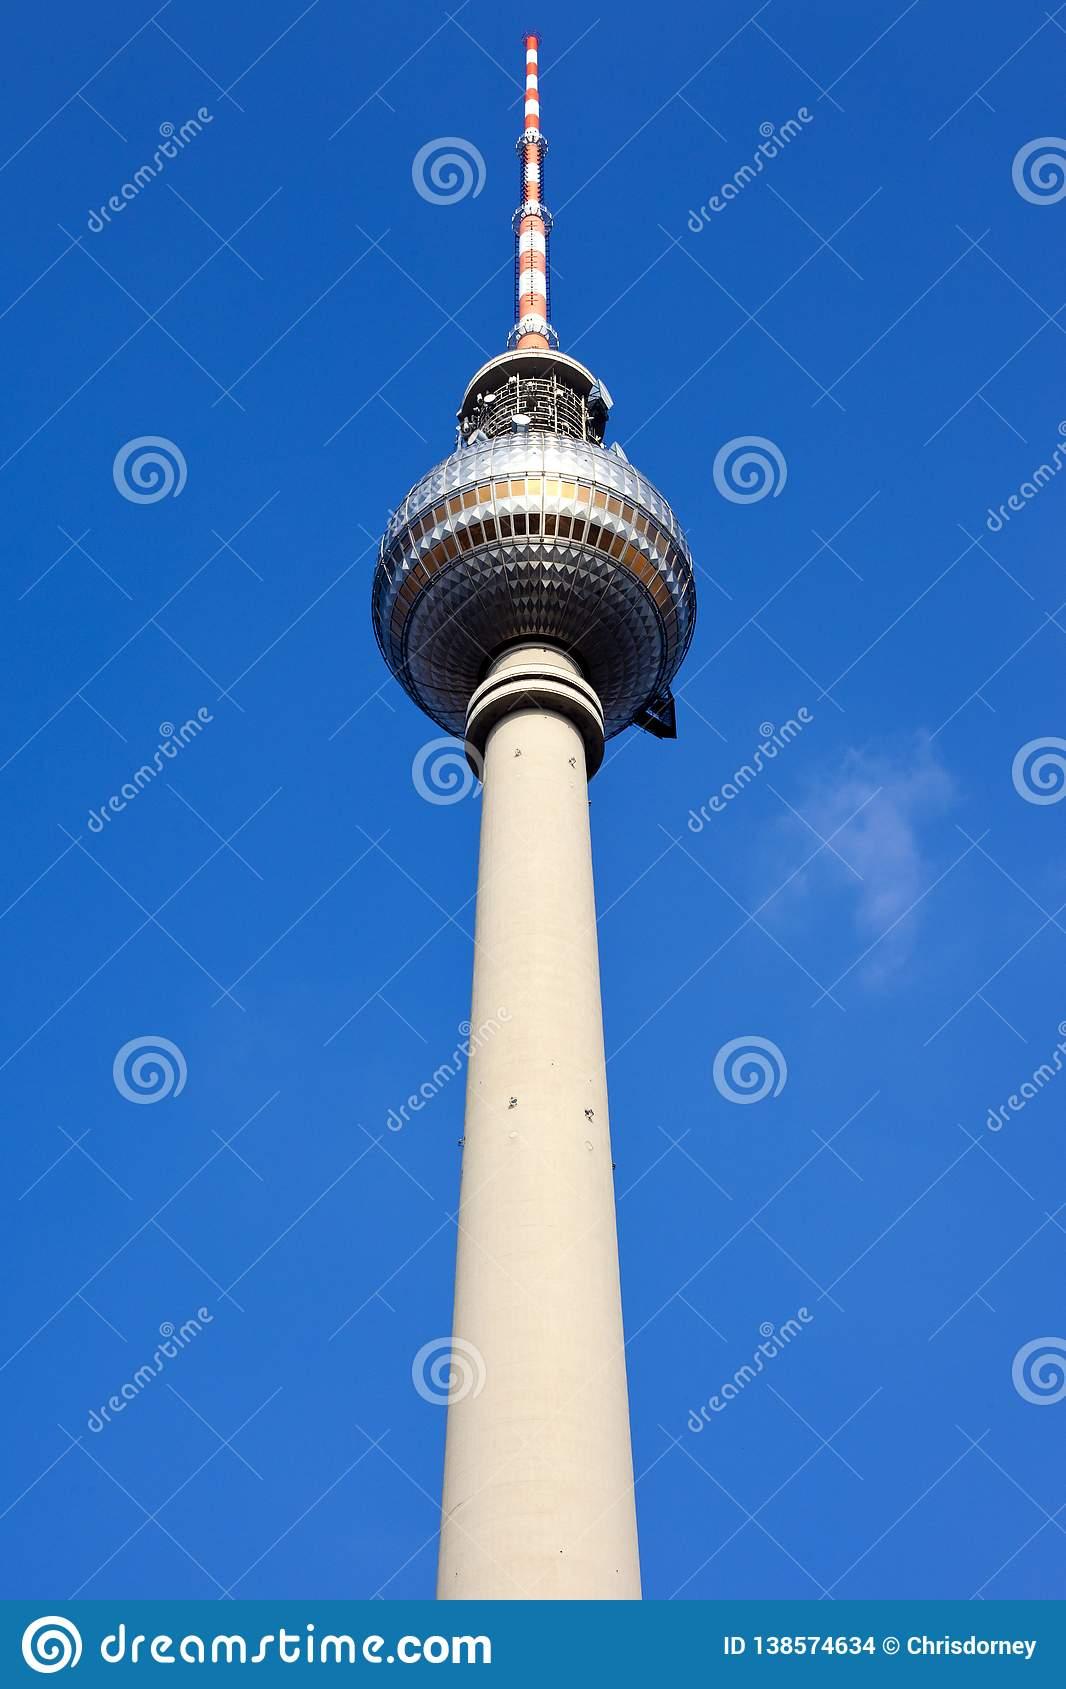 Берлинские часы мира – символ мира, свободы и единения